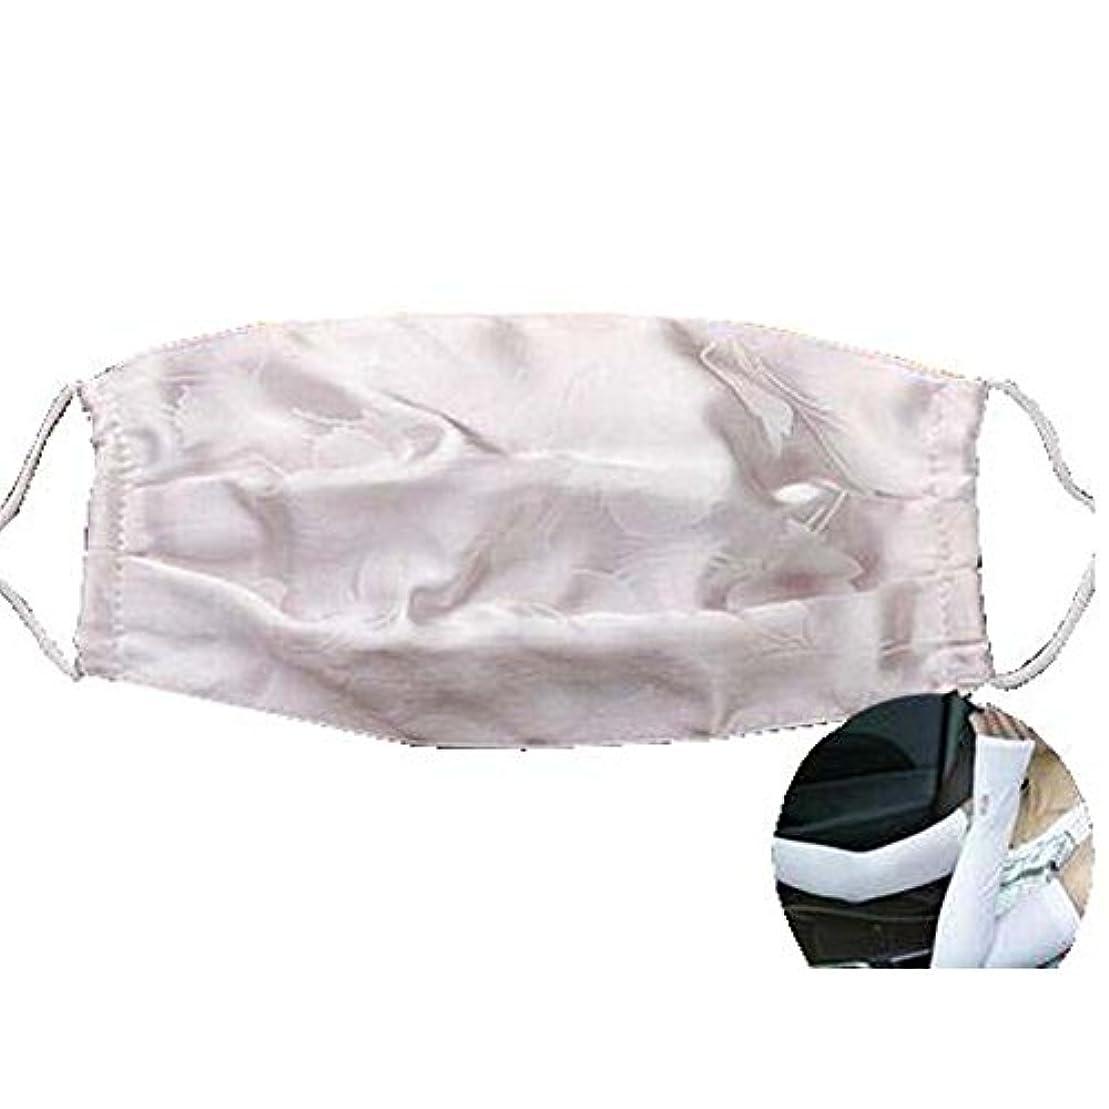 知事細胞電気陽性マスクダストマスクアンチ汚染活性化シルクマスクとシルクアームスリーブ